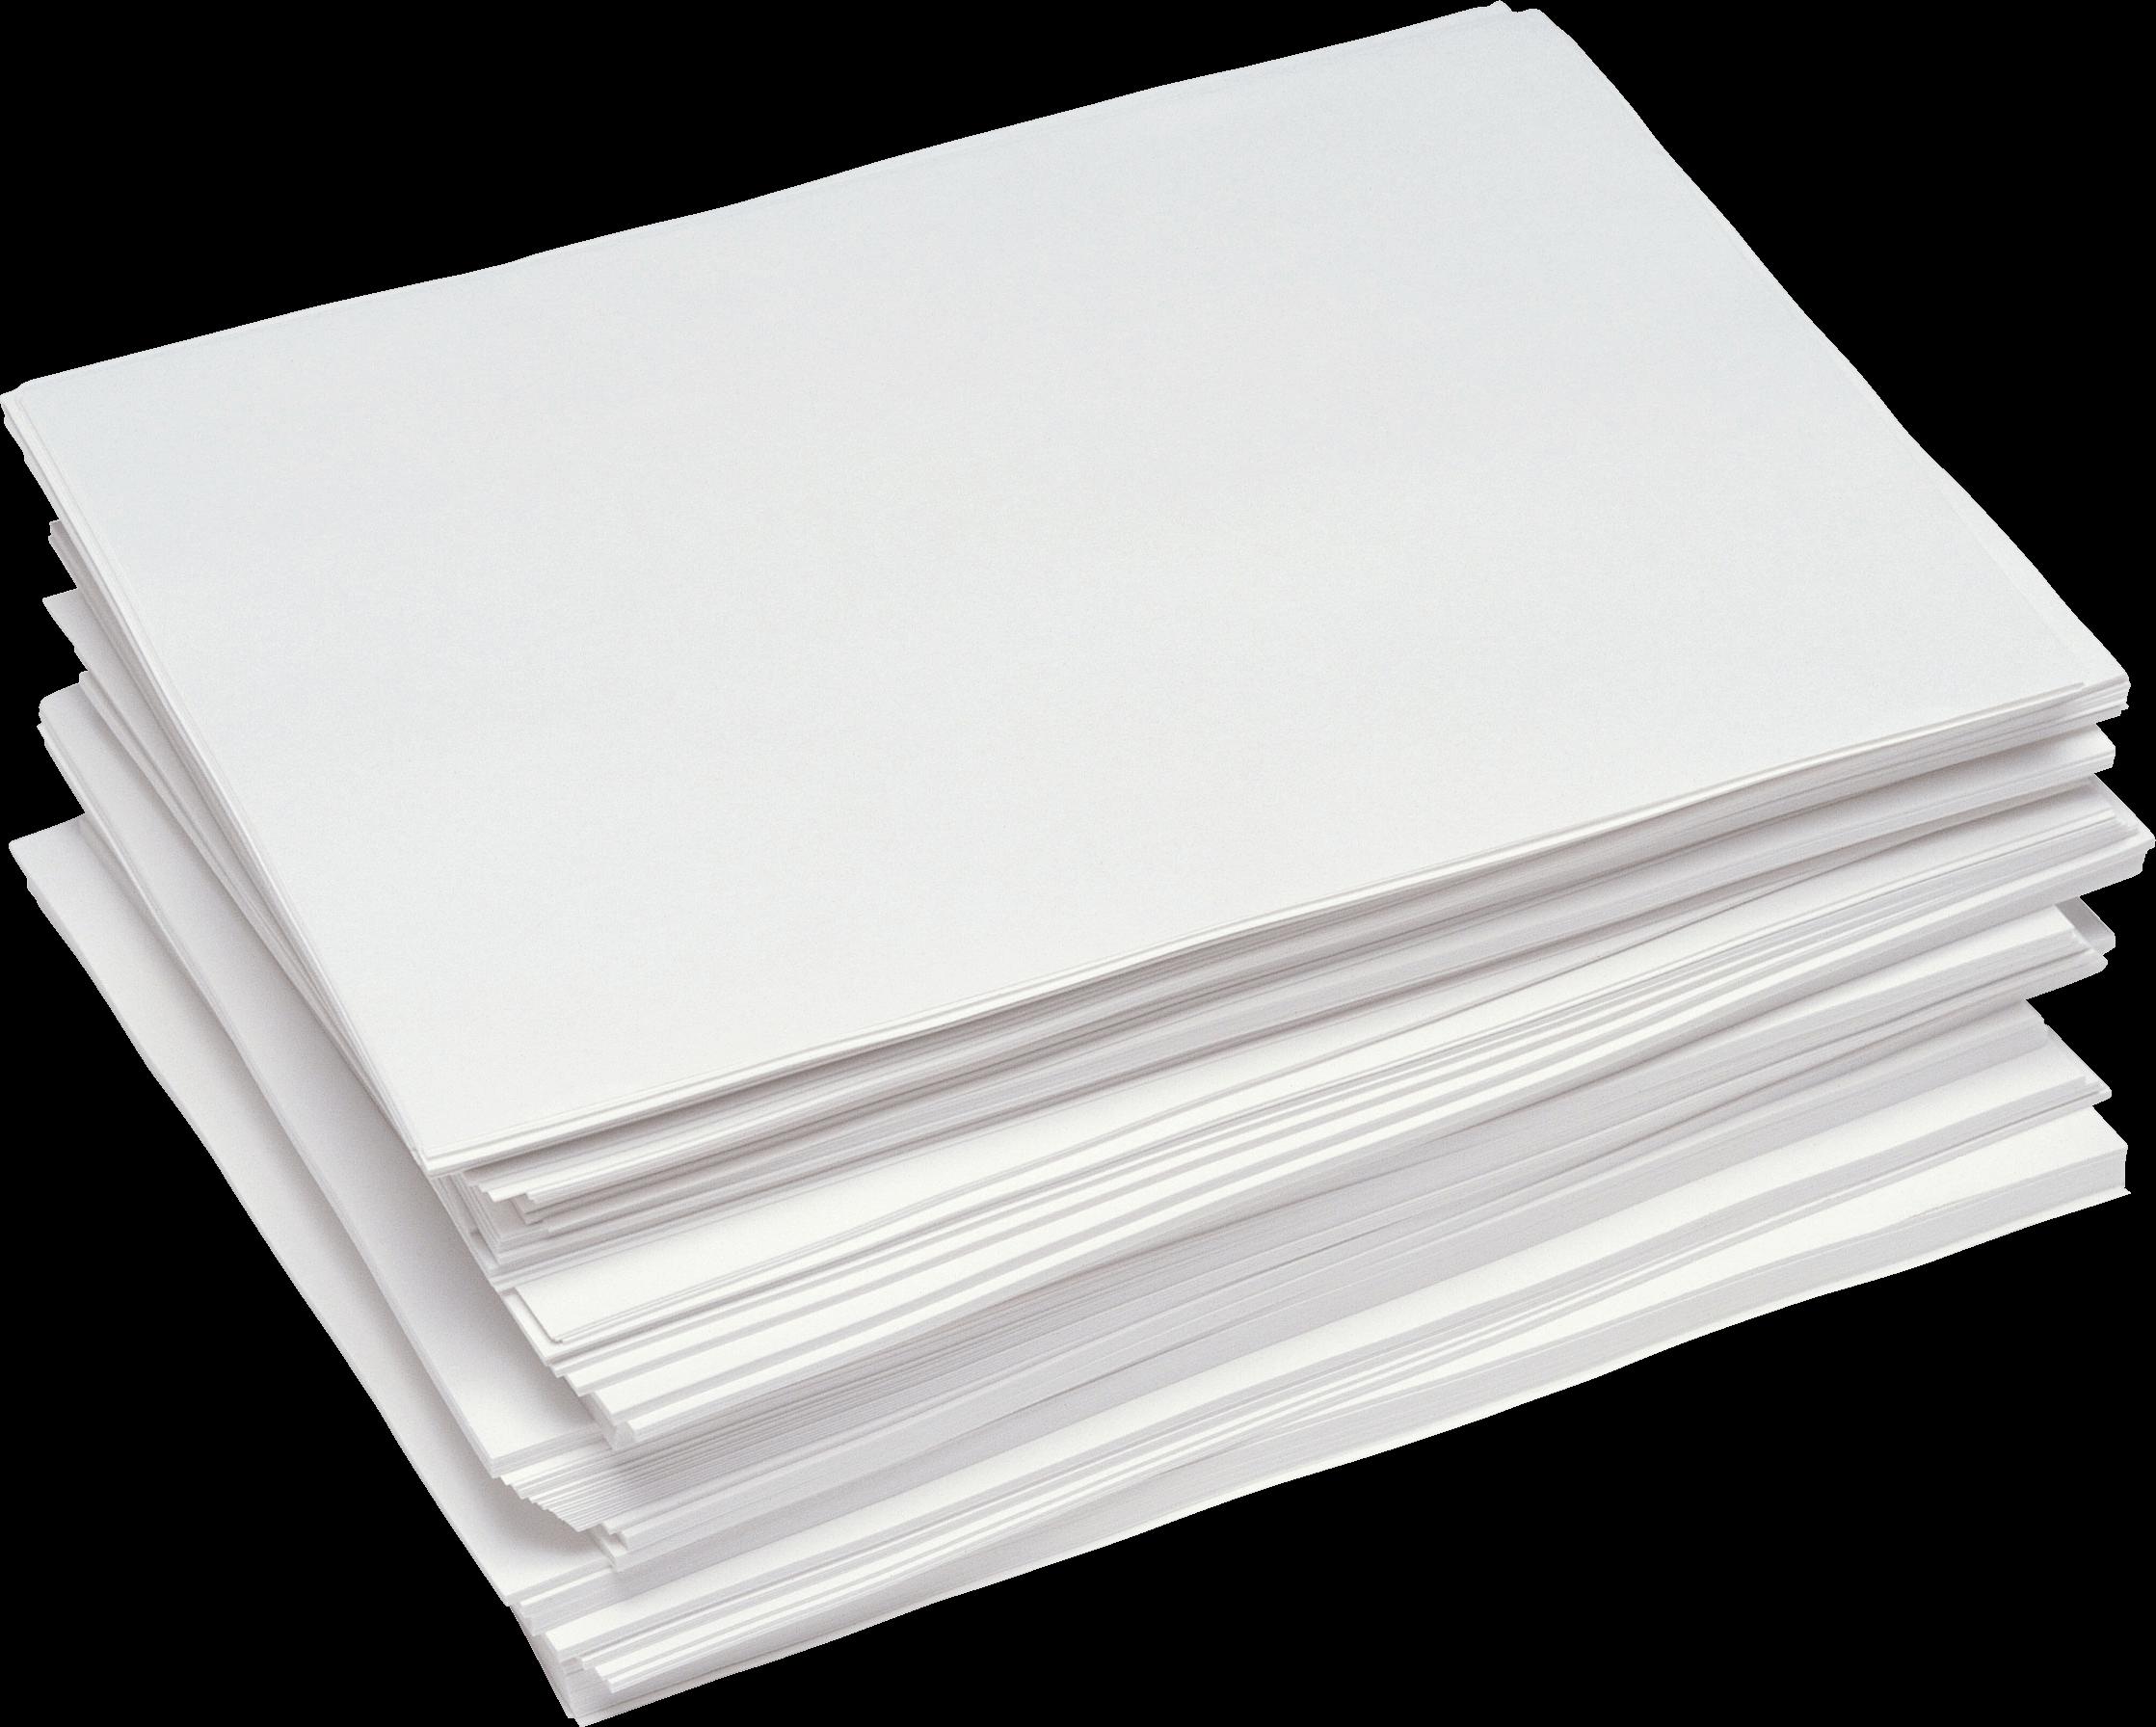 Envelope clipart stack envelope. Of paper transparent png